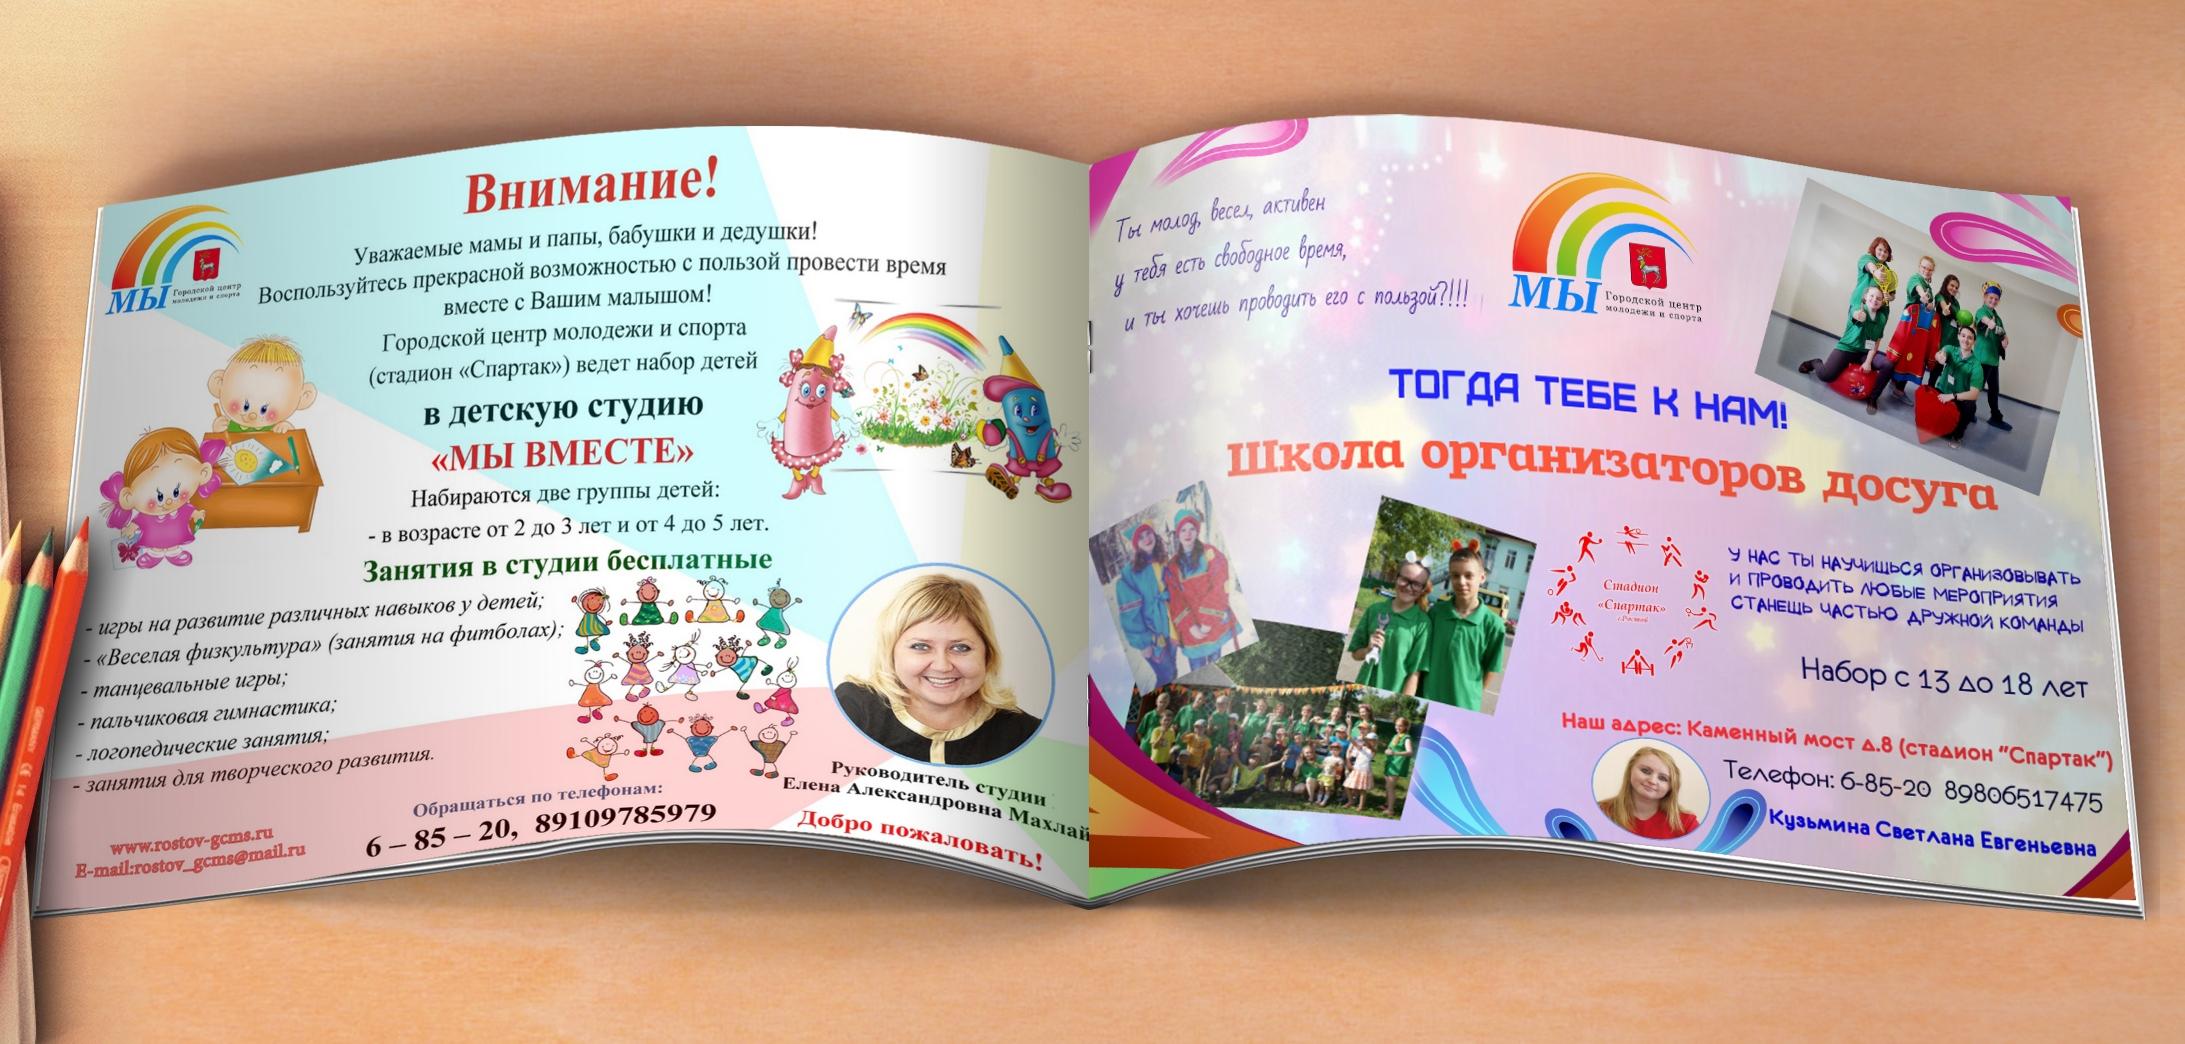 знакомства в г ростове ярославской области